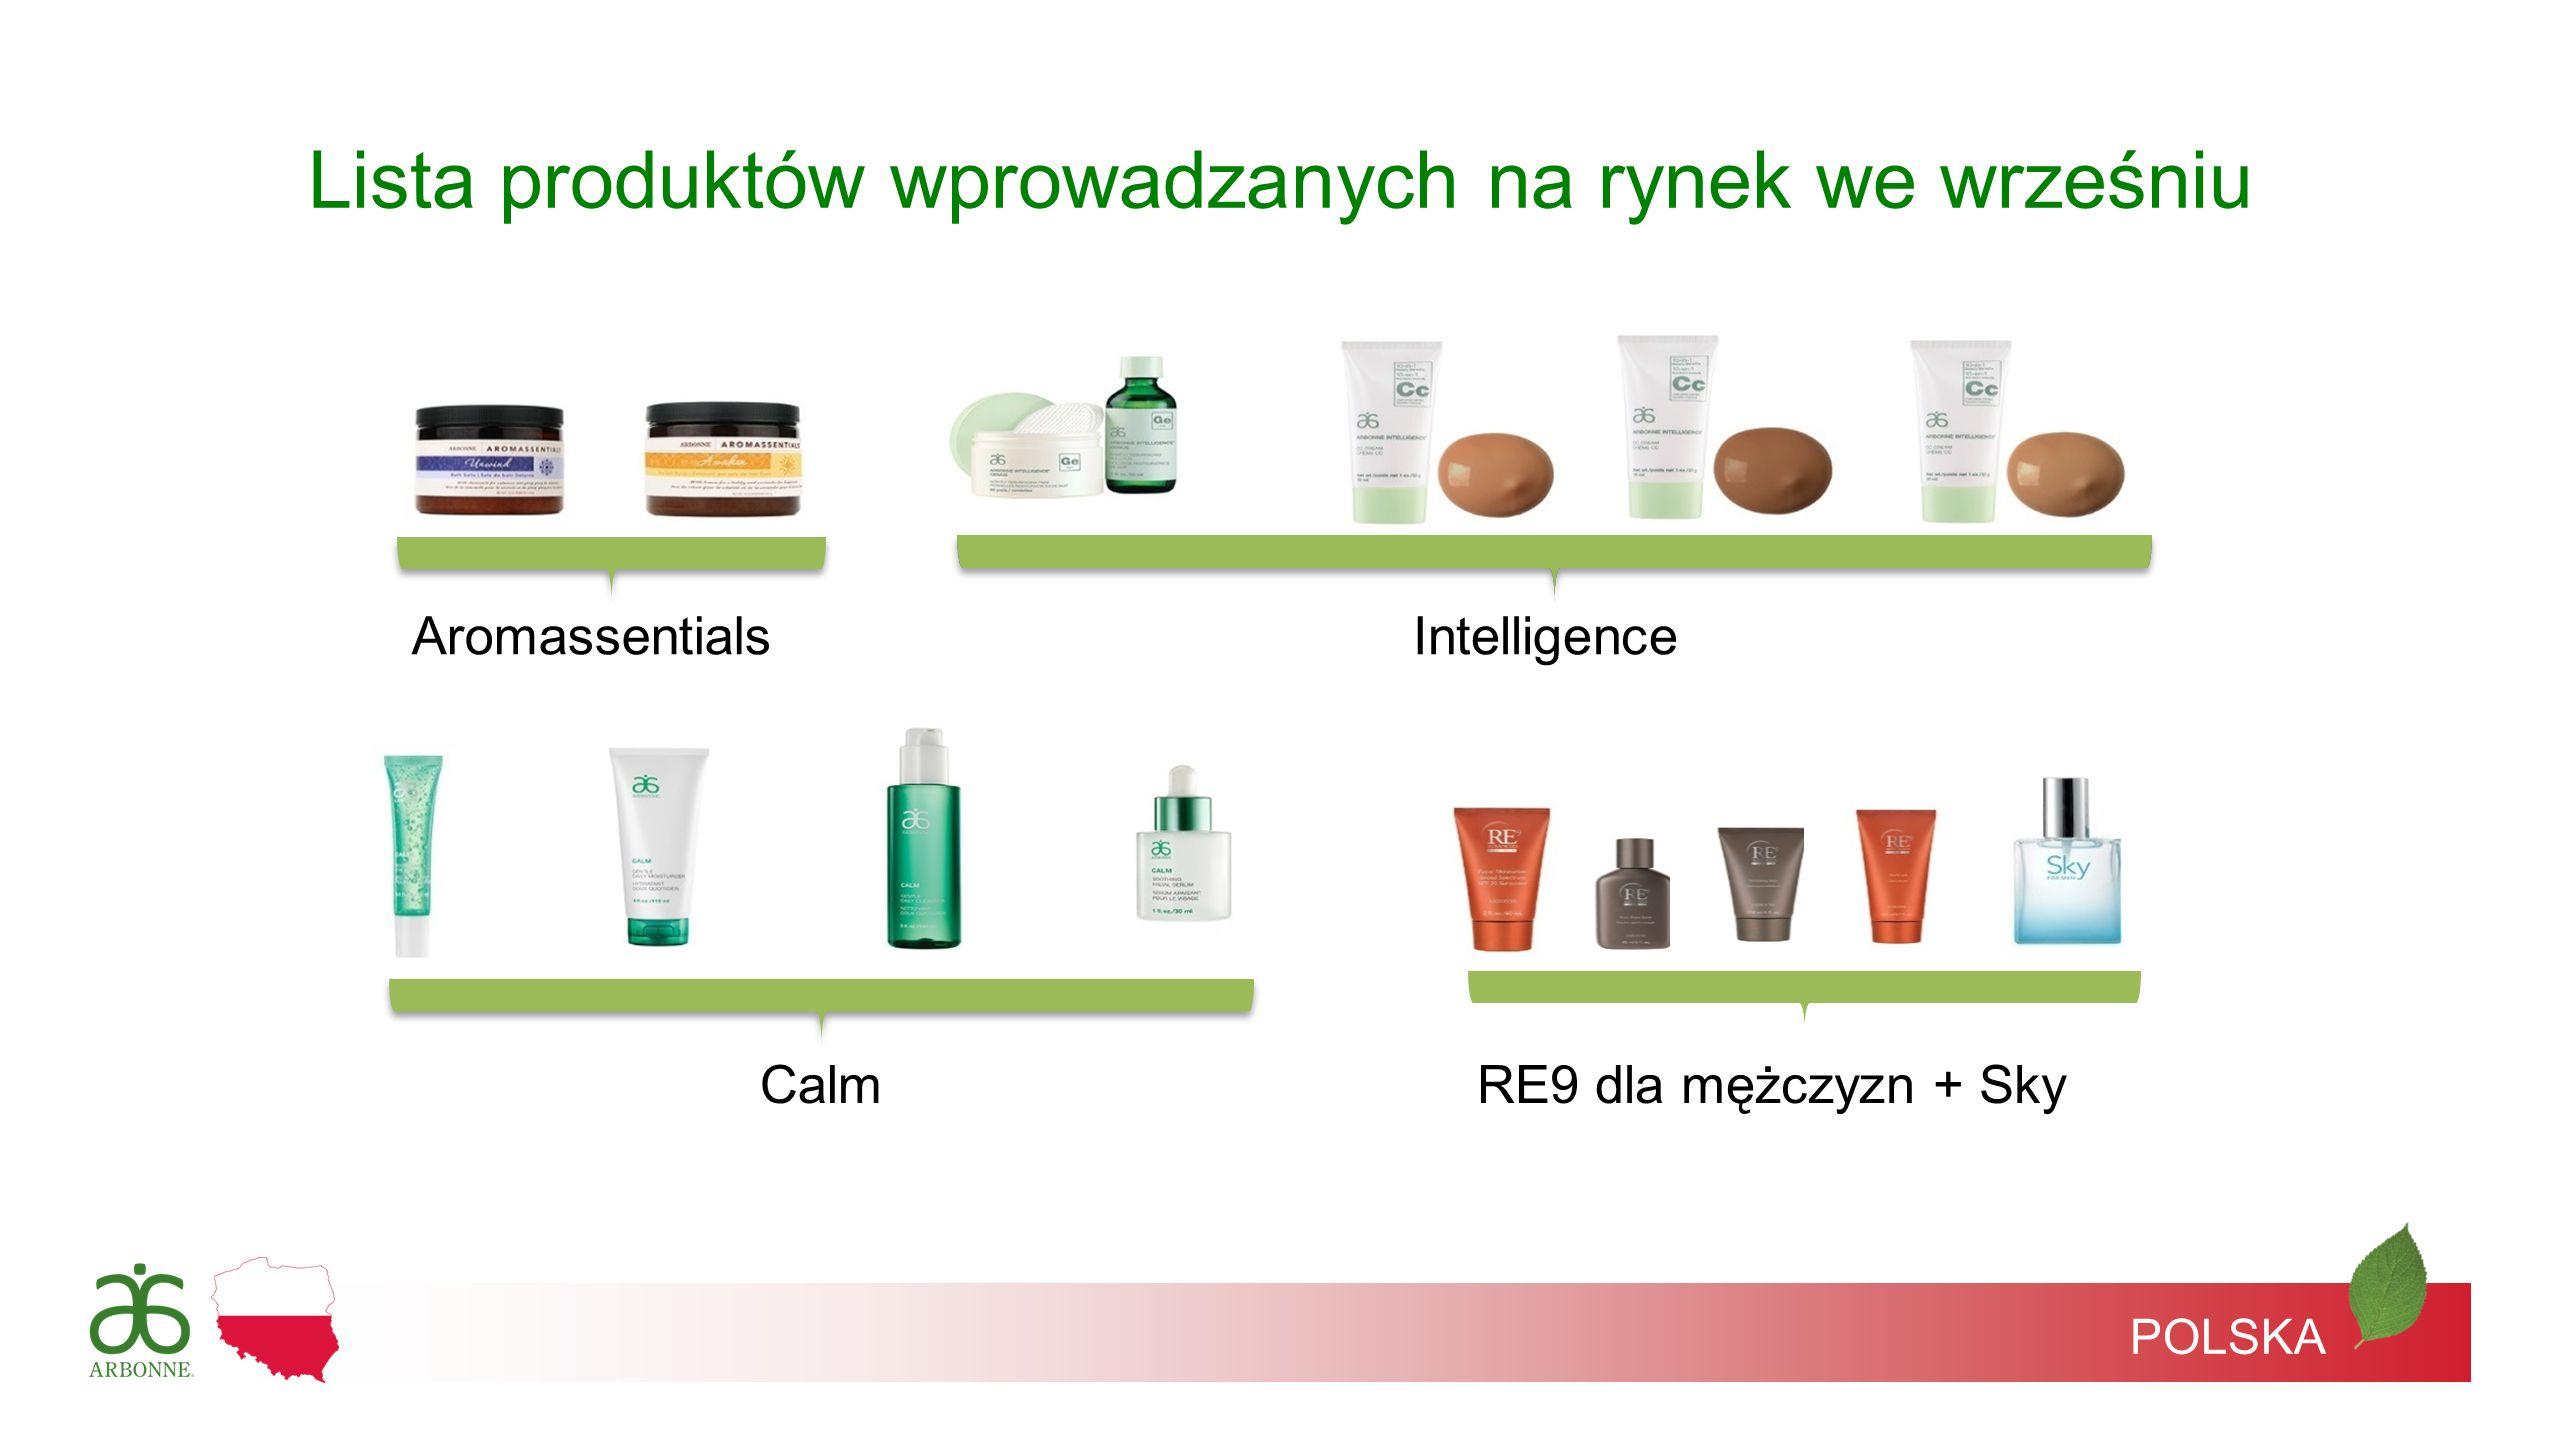 POLSKA CalmRE9 dla mężczyzn + Sky AromassentialsIntelligence Lista produktów wprowadzanych na rynek we wrześniu